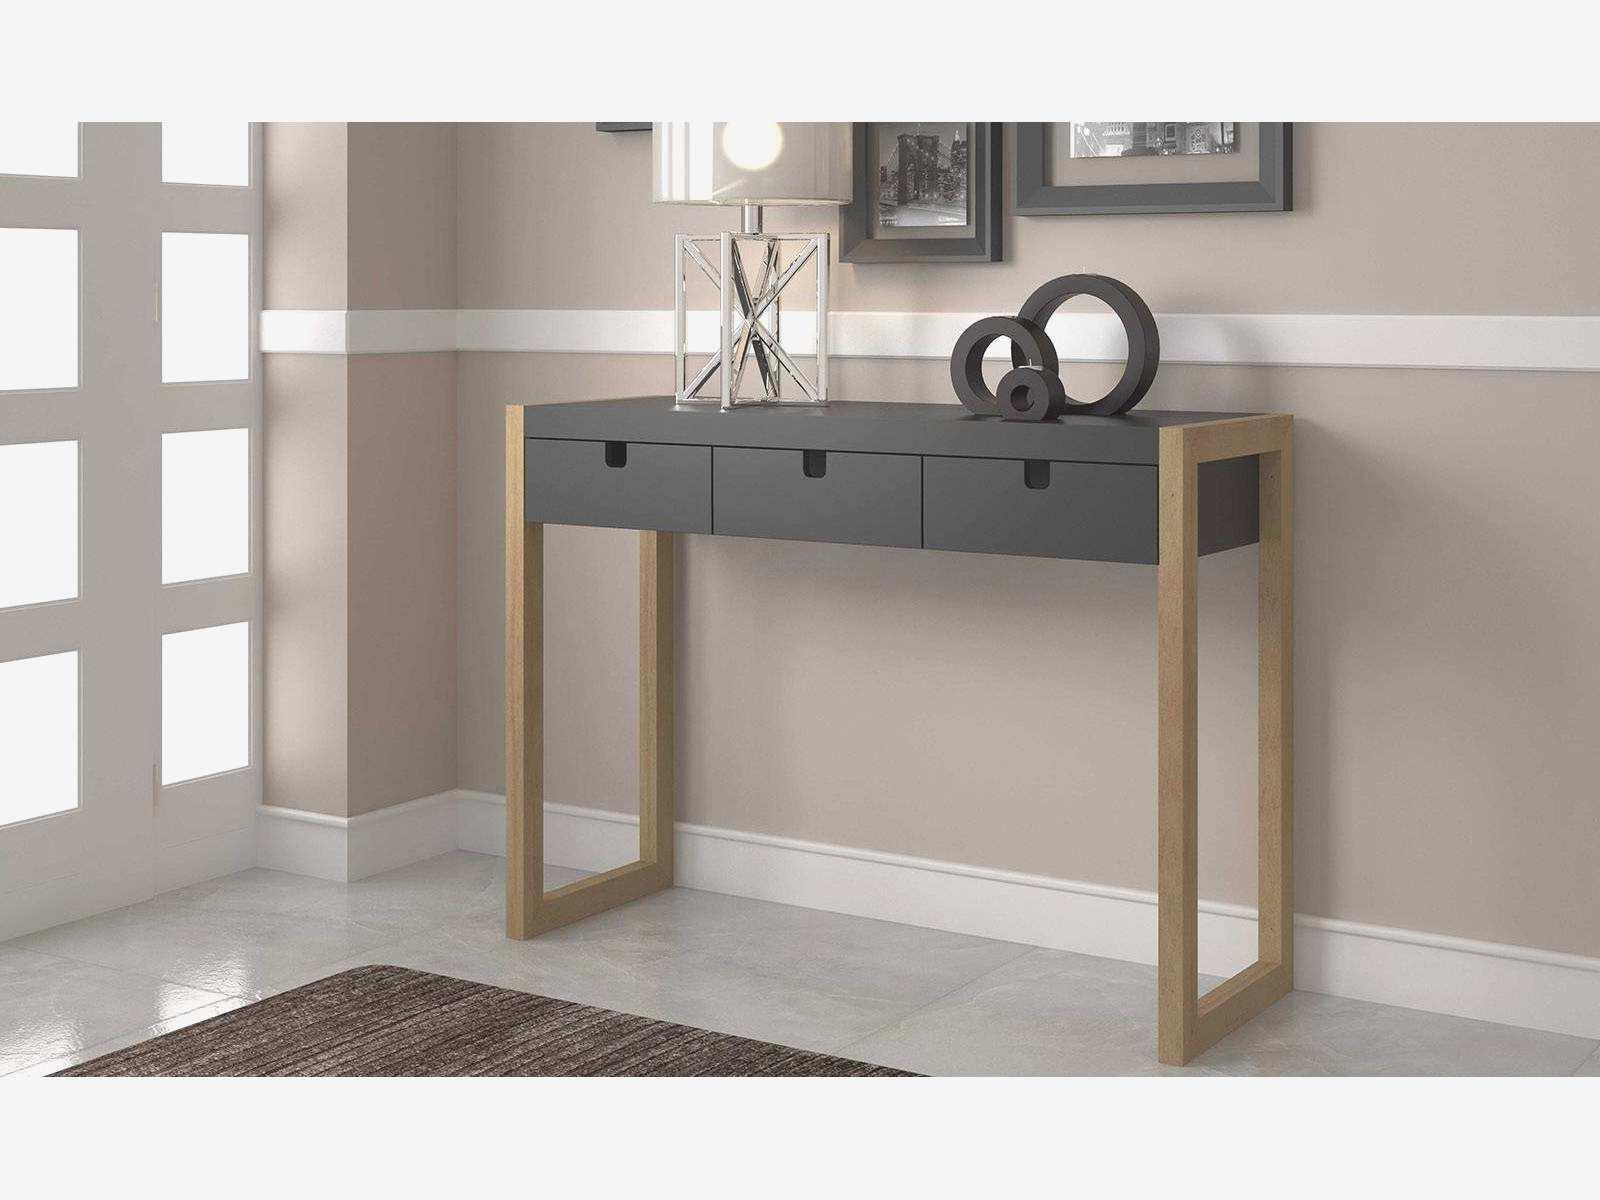 Mueble Consola Ikea Dddy Elegante Zona Mueble Bar Mi Casa Nafella